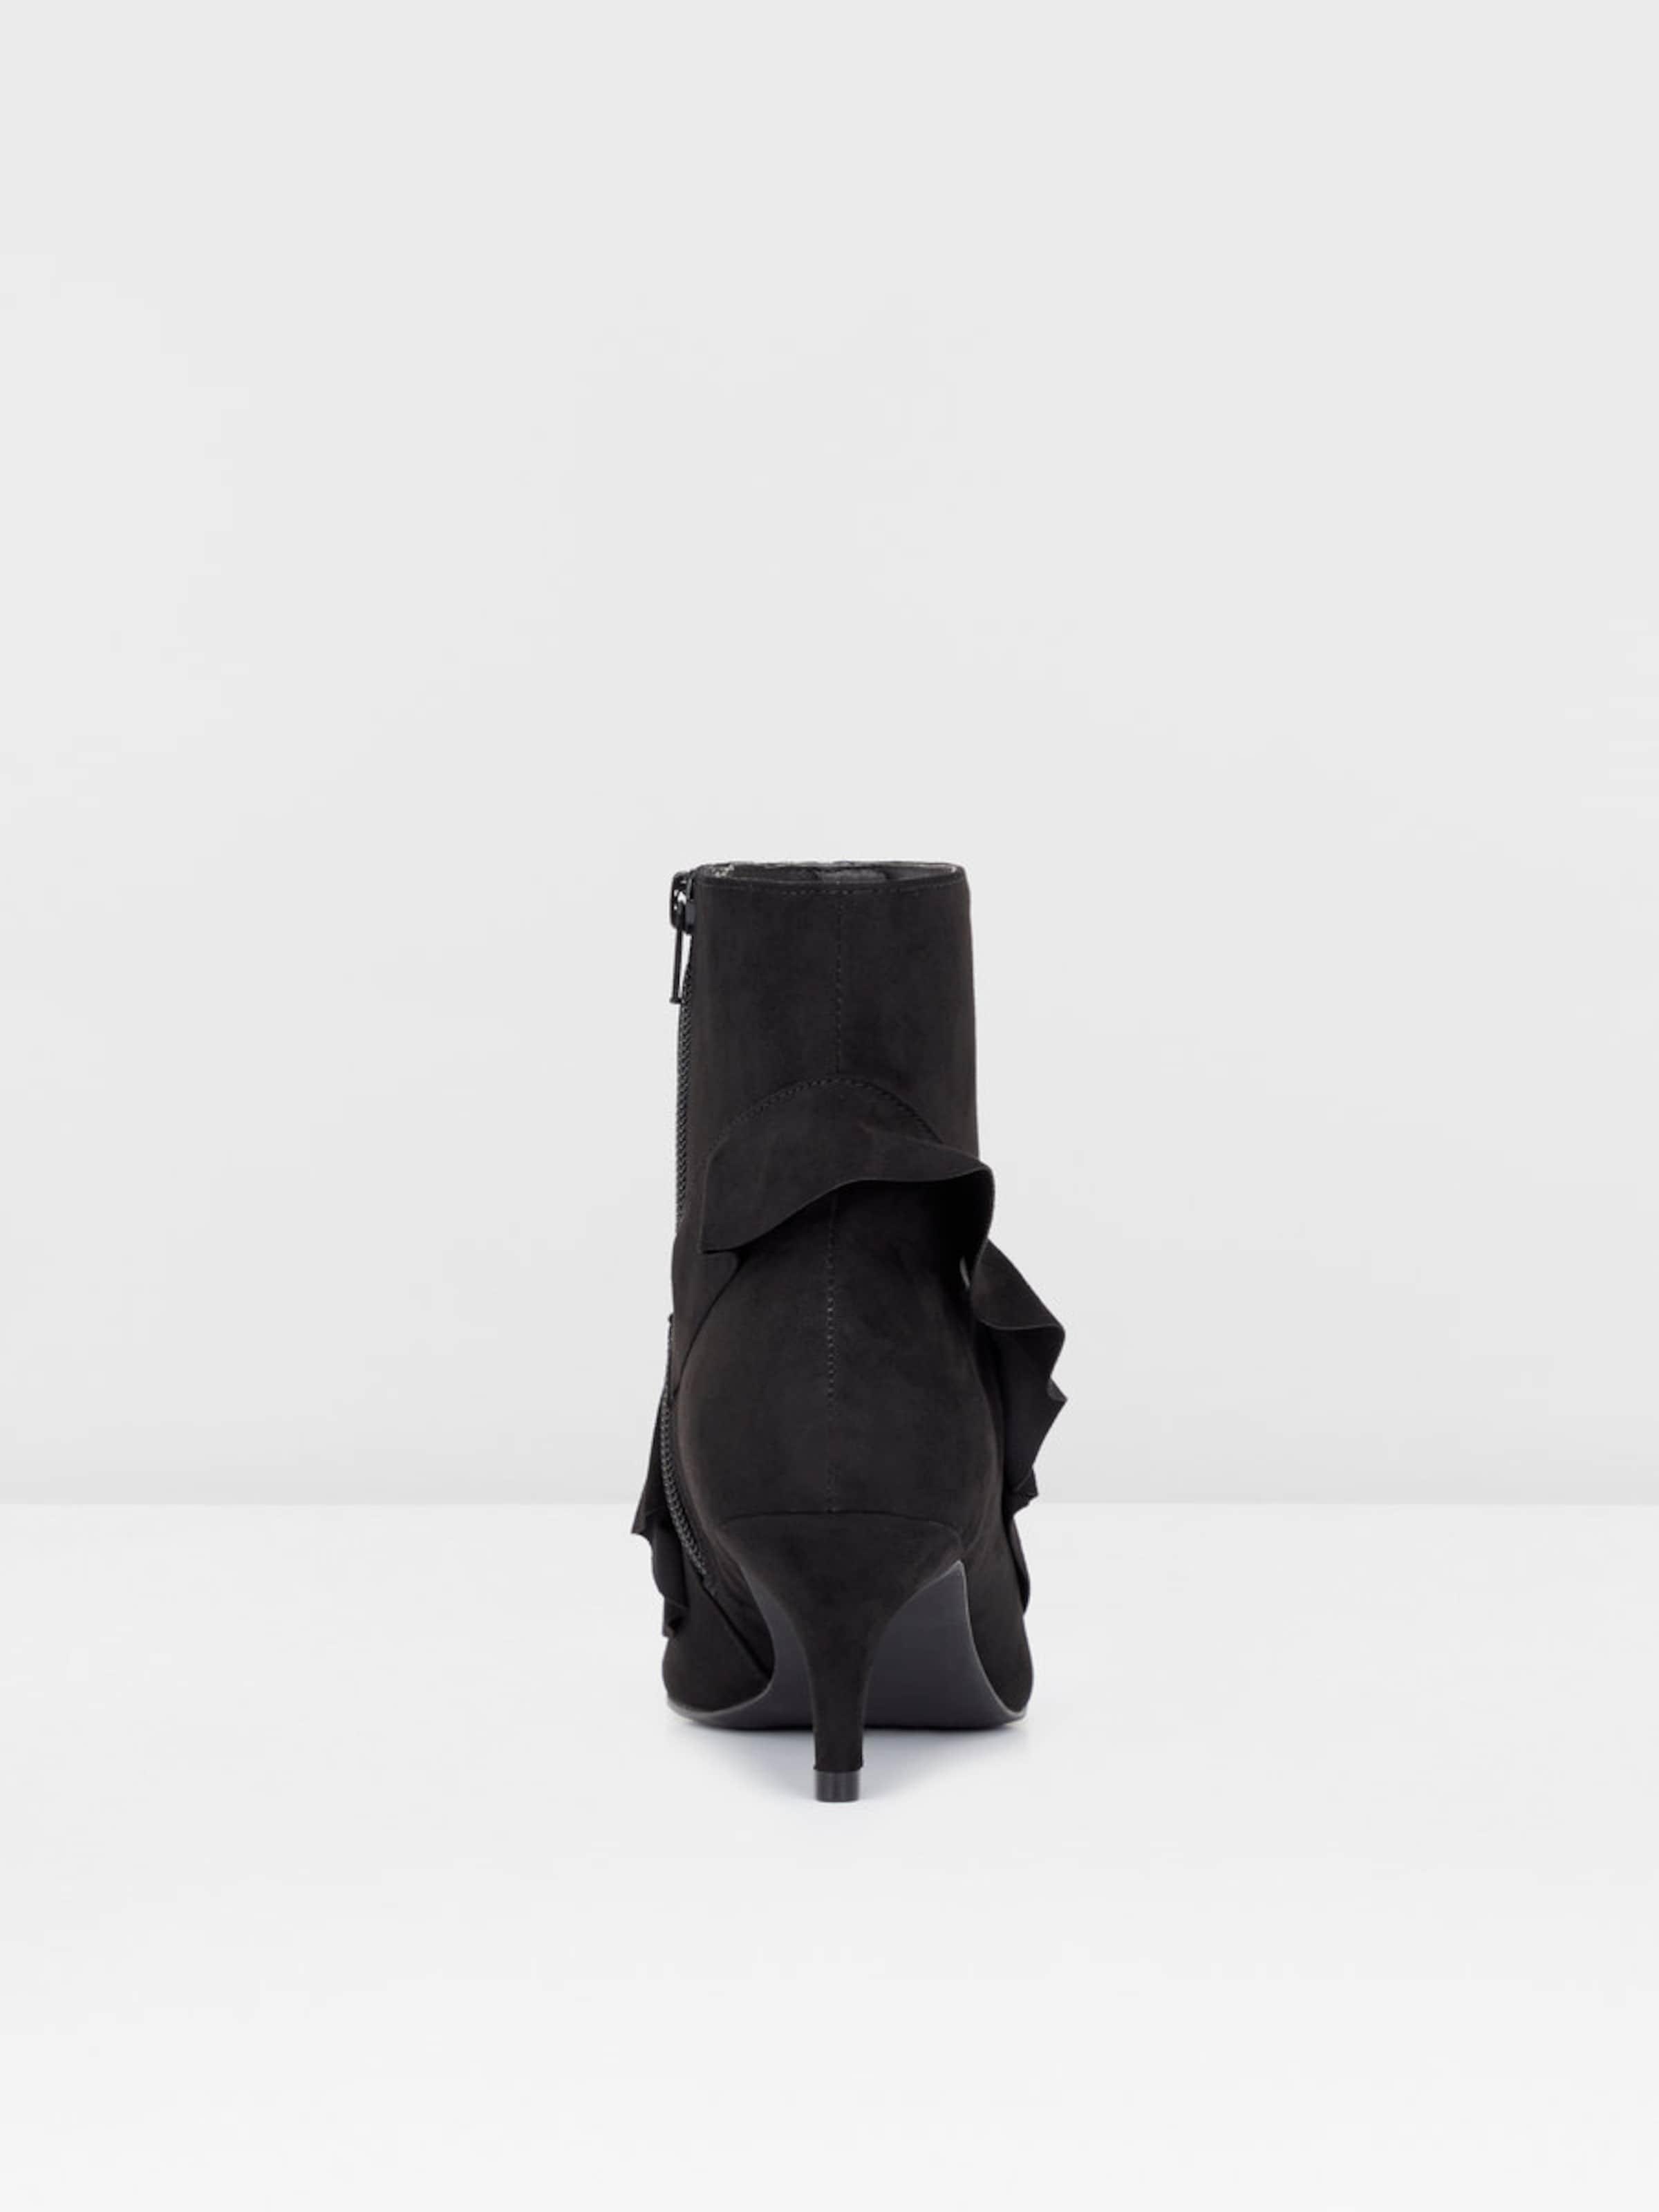 Rabatt Angebot Bianco Stiefel Spielraum Fabrikverkauf yls5T9Gf4s